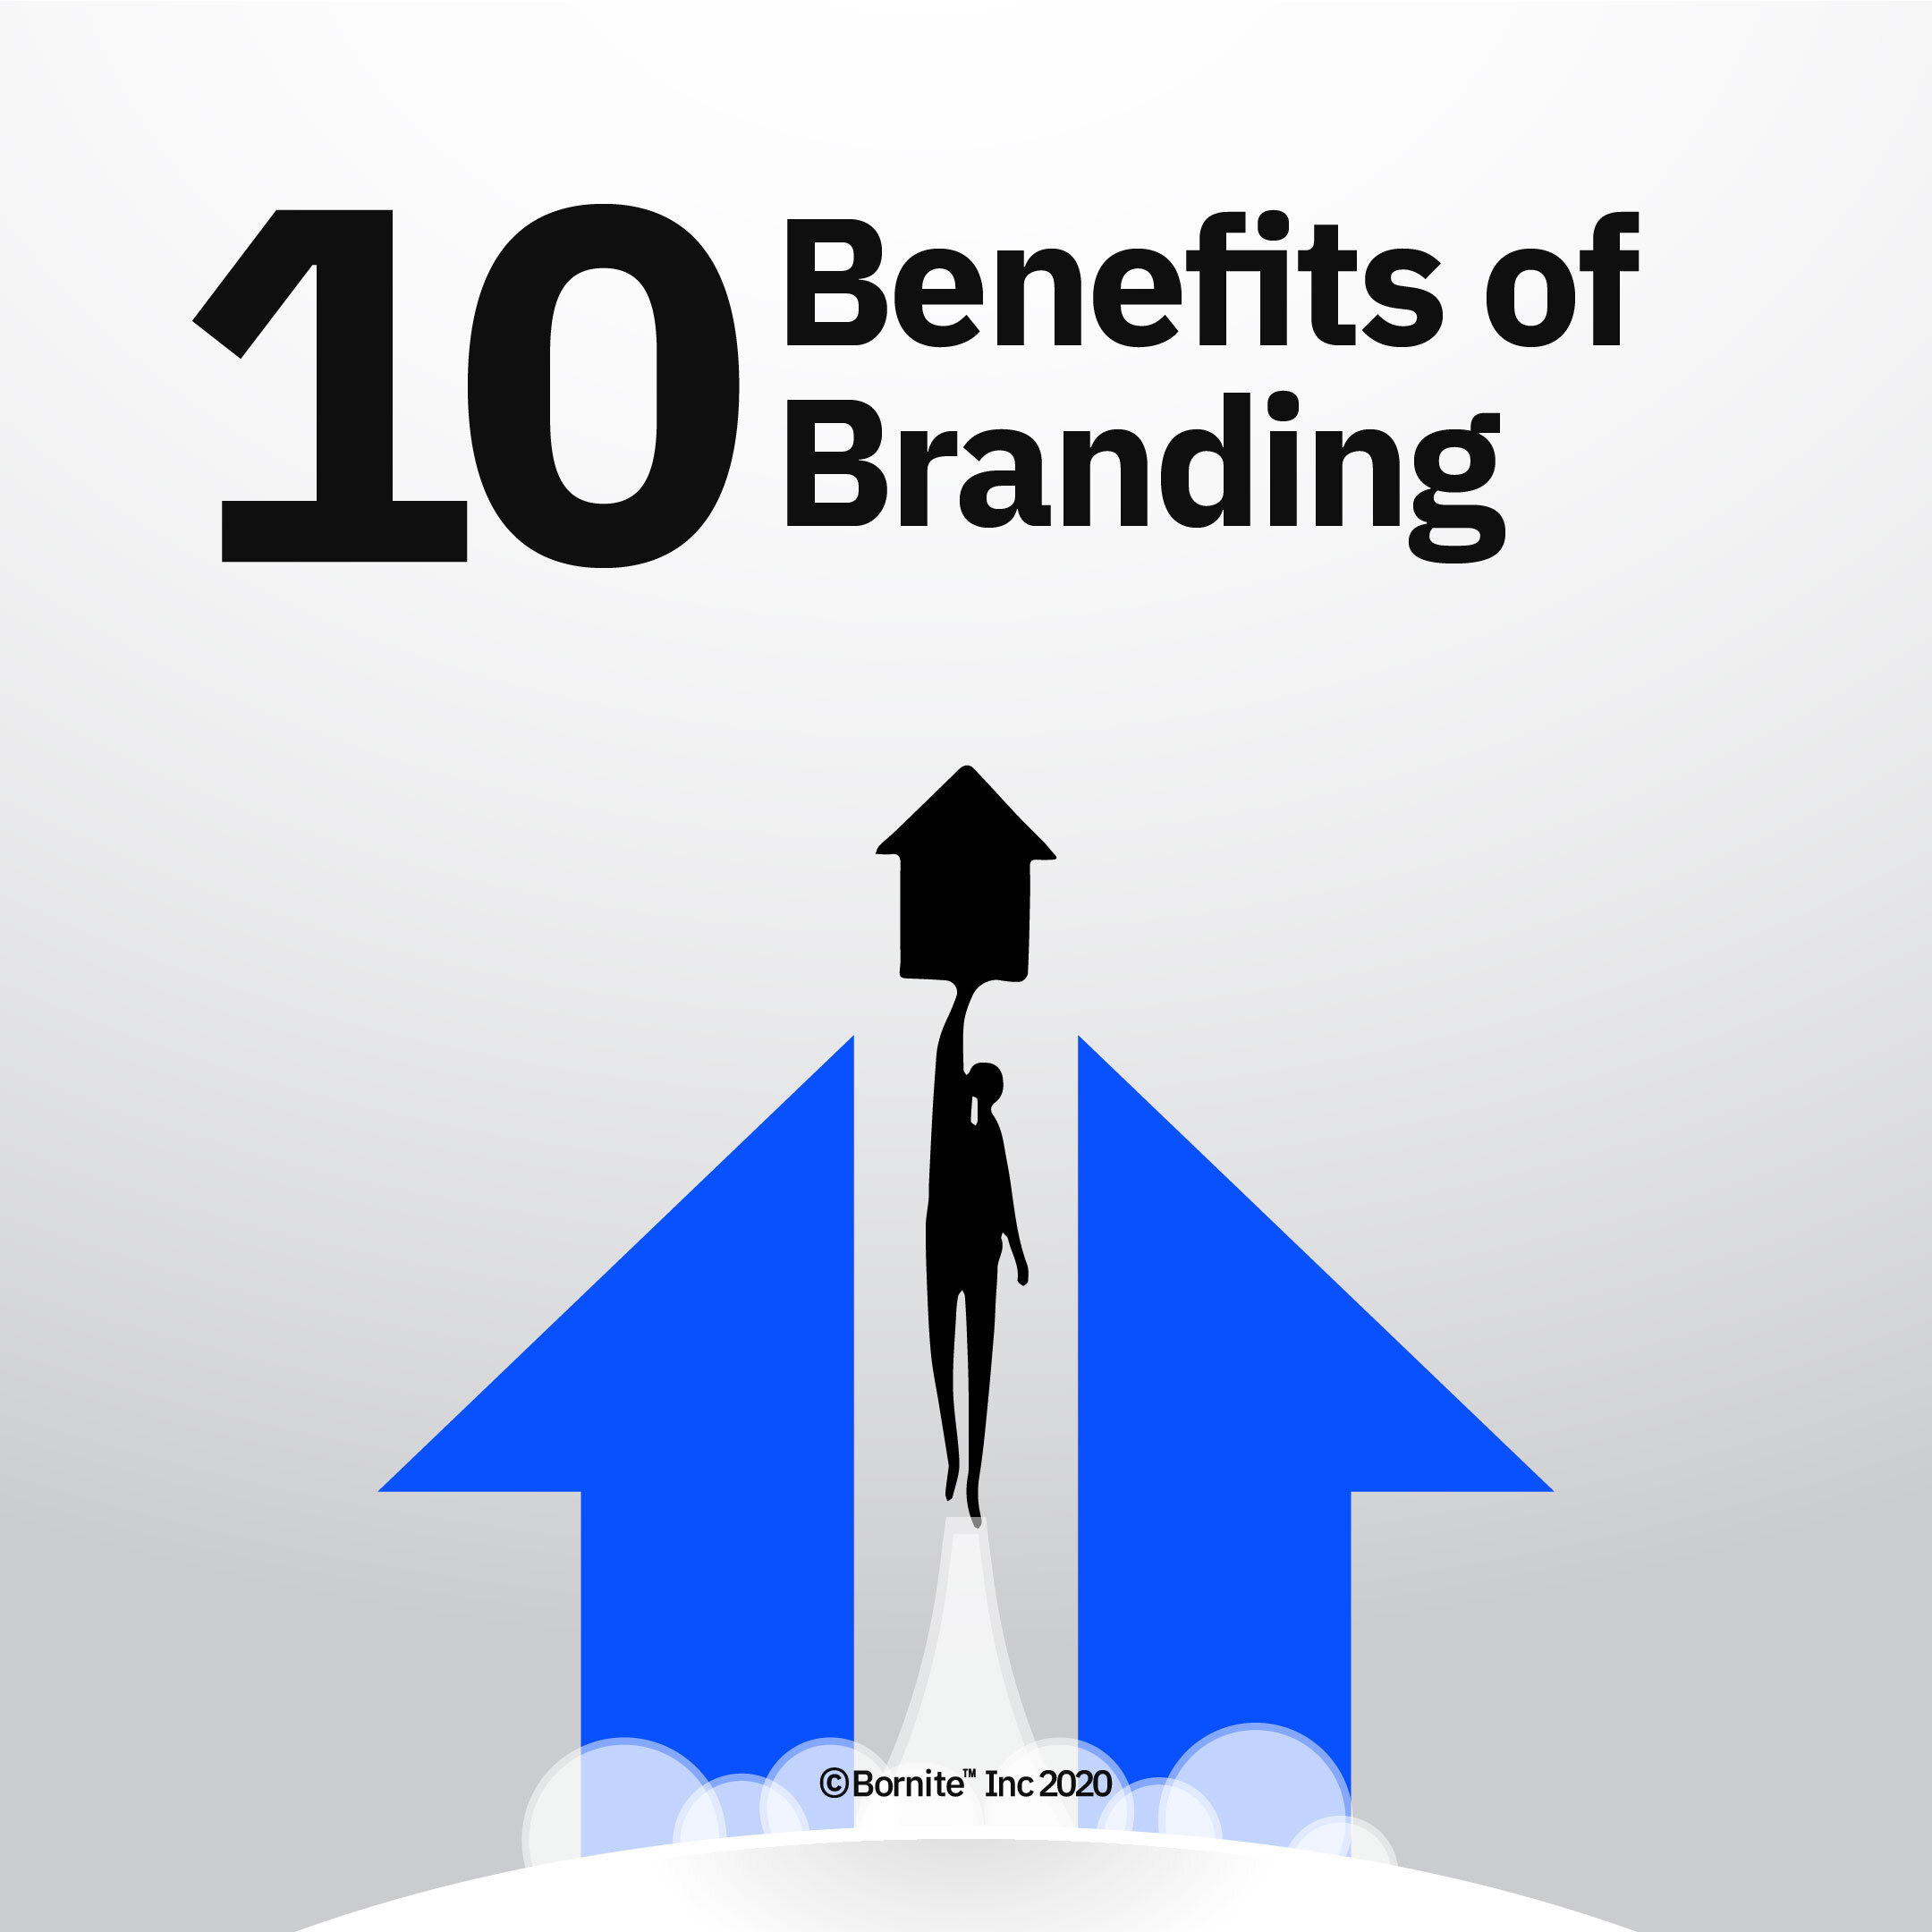 10 Benefits of Branding